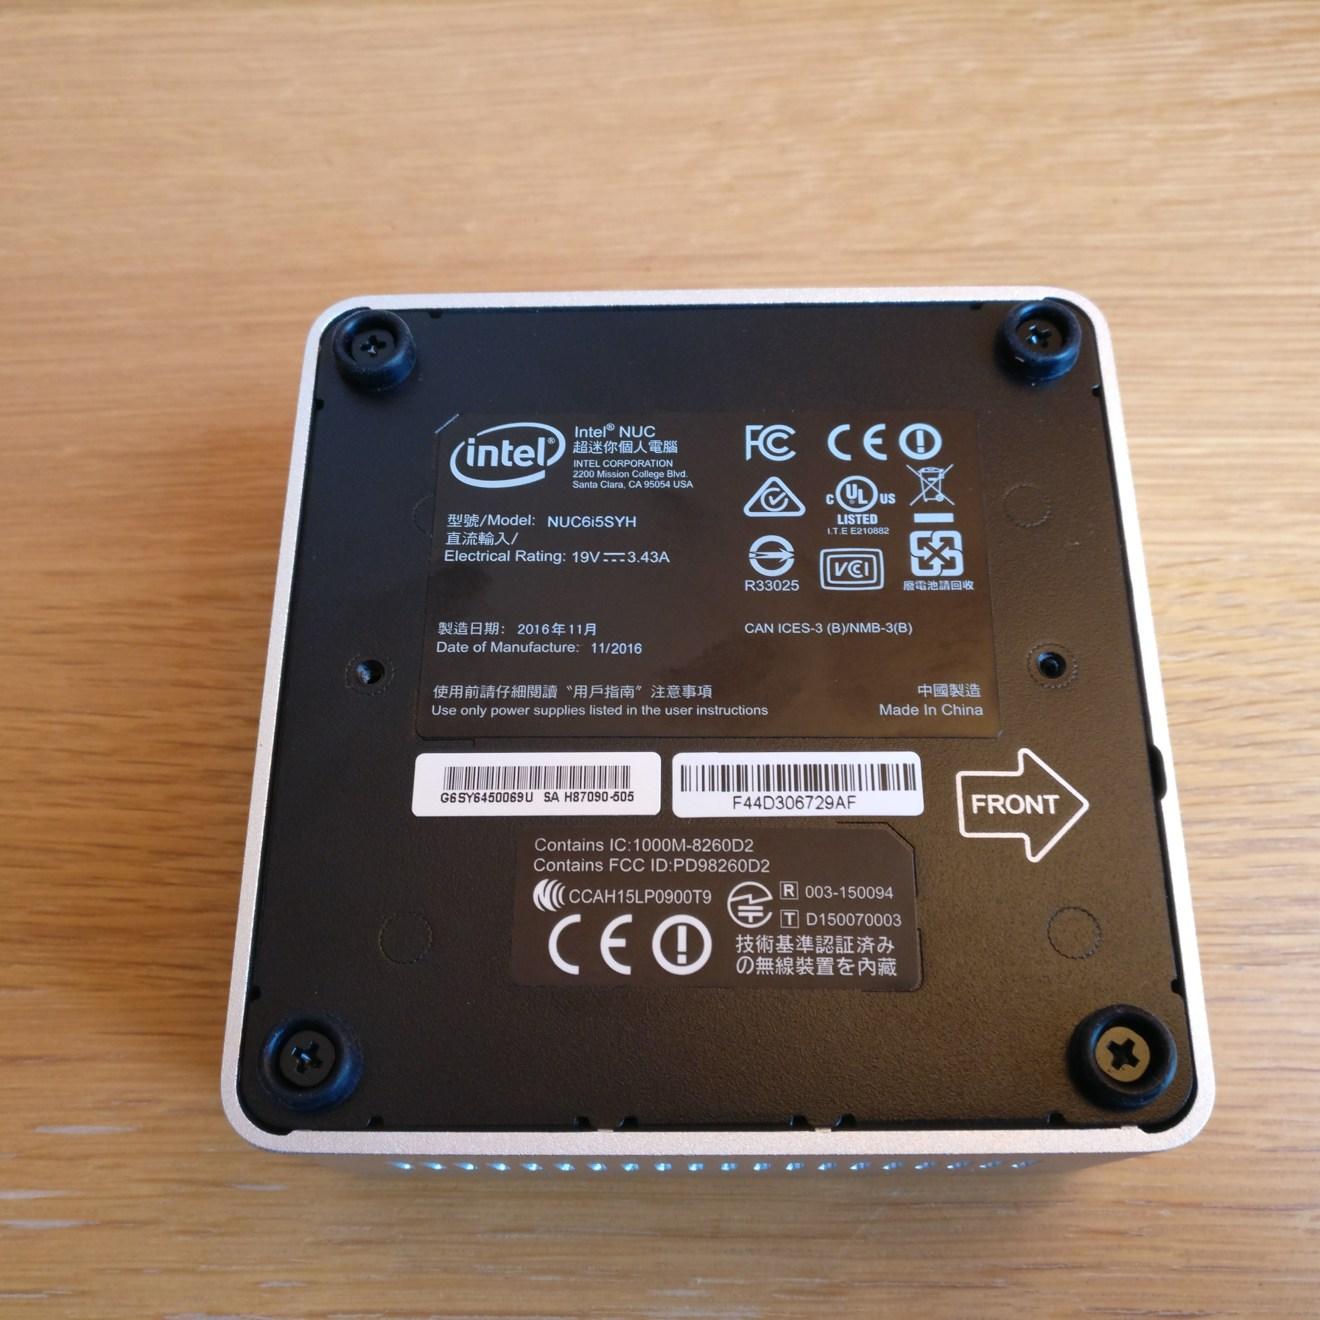 domalab.com intel nuc home lab Intel NUC enclosure